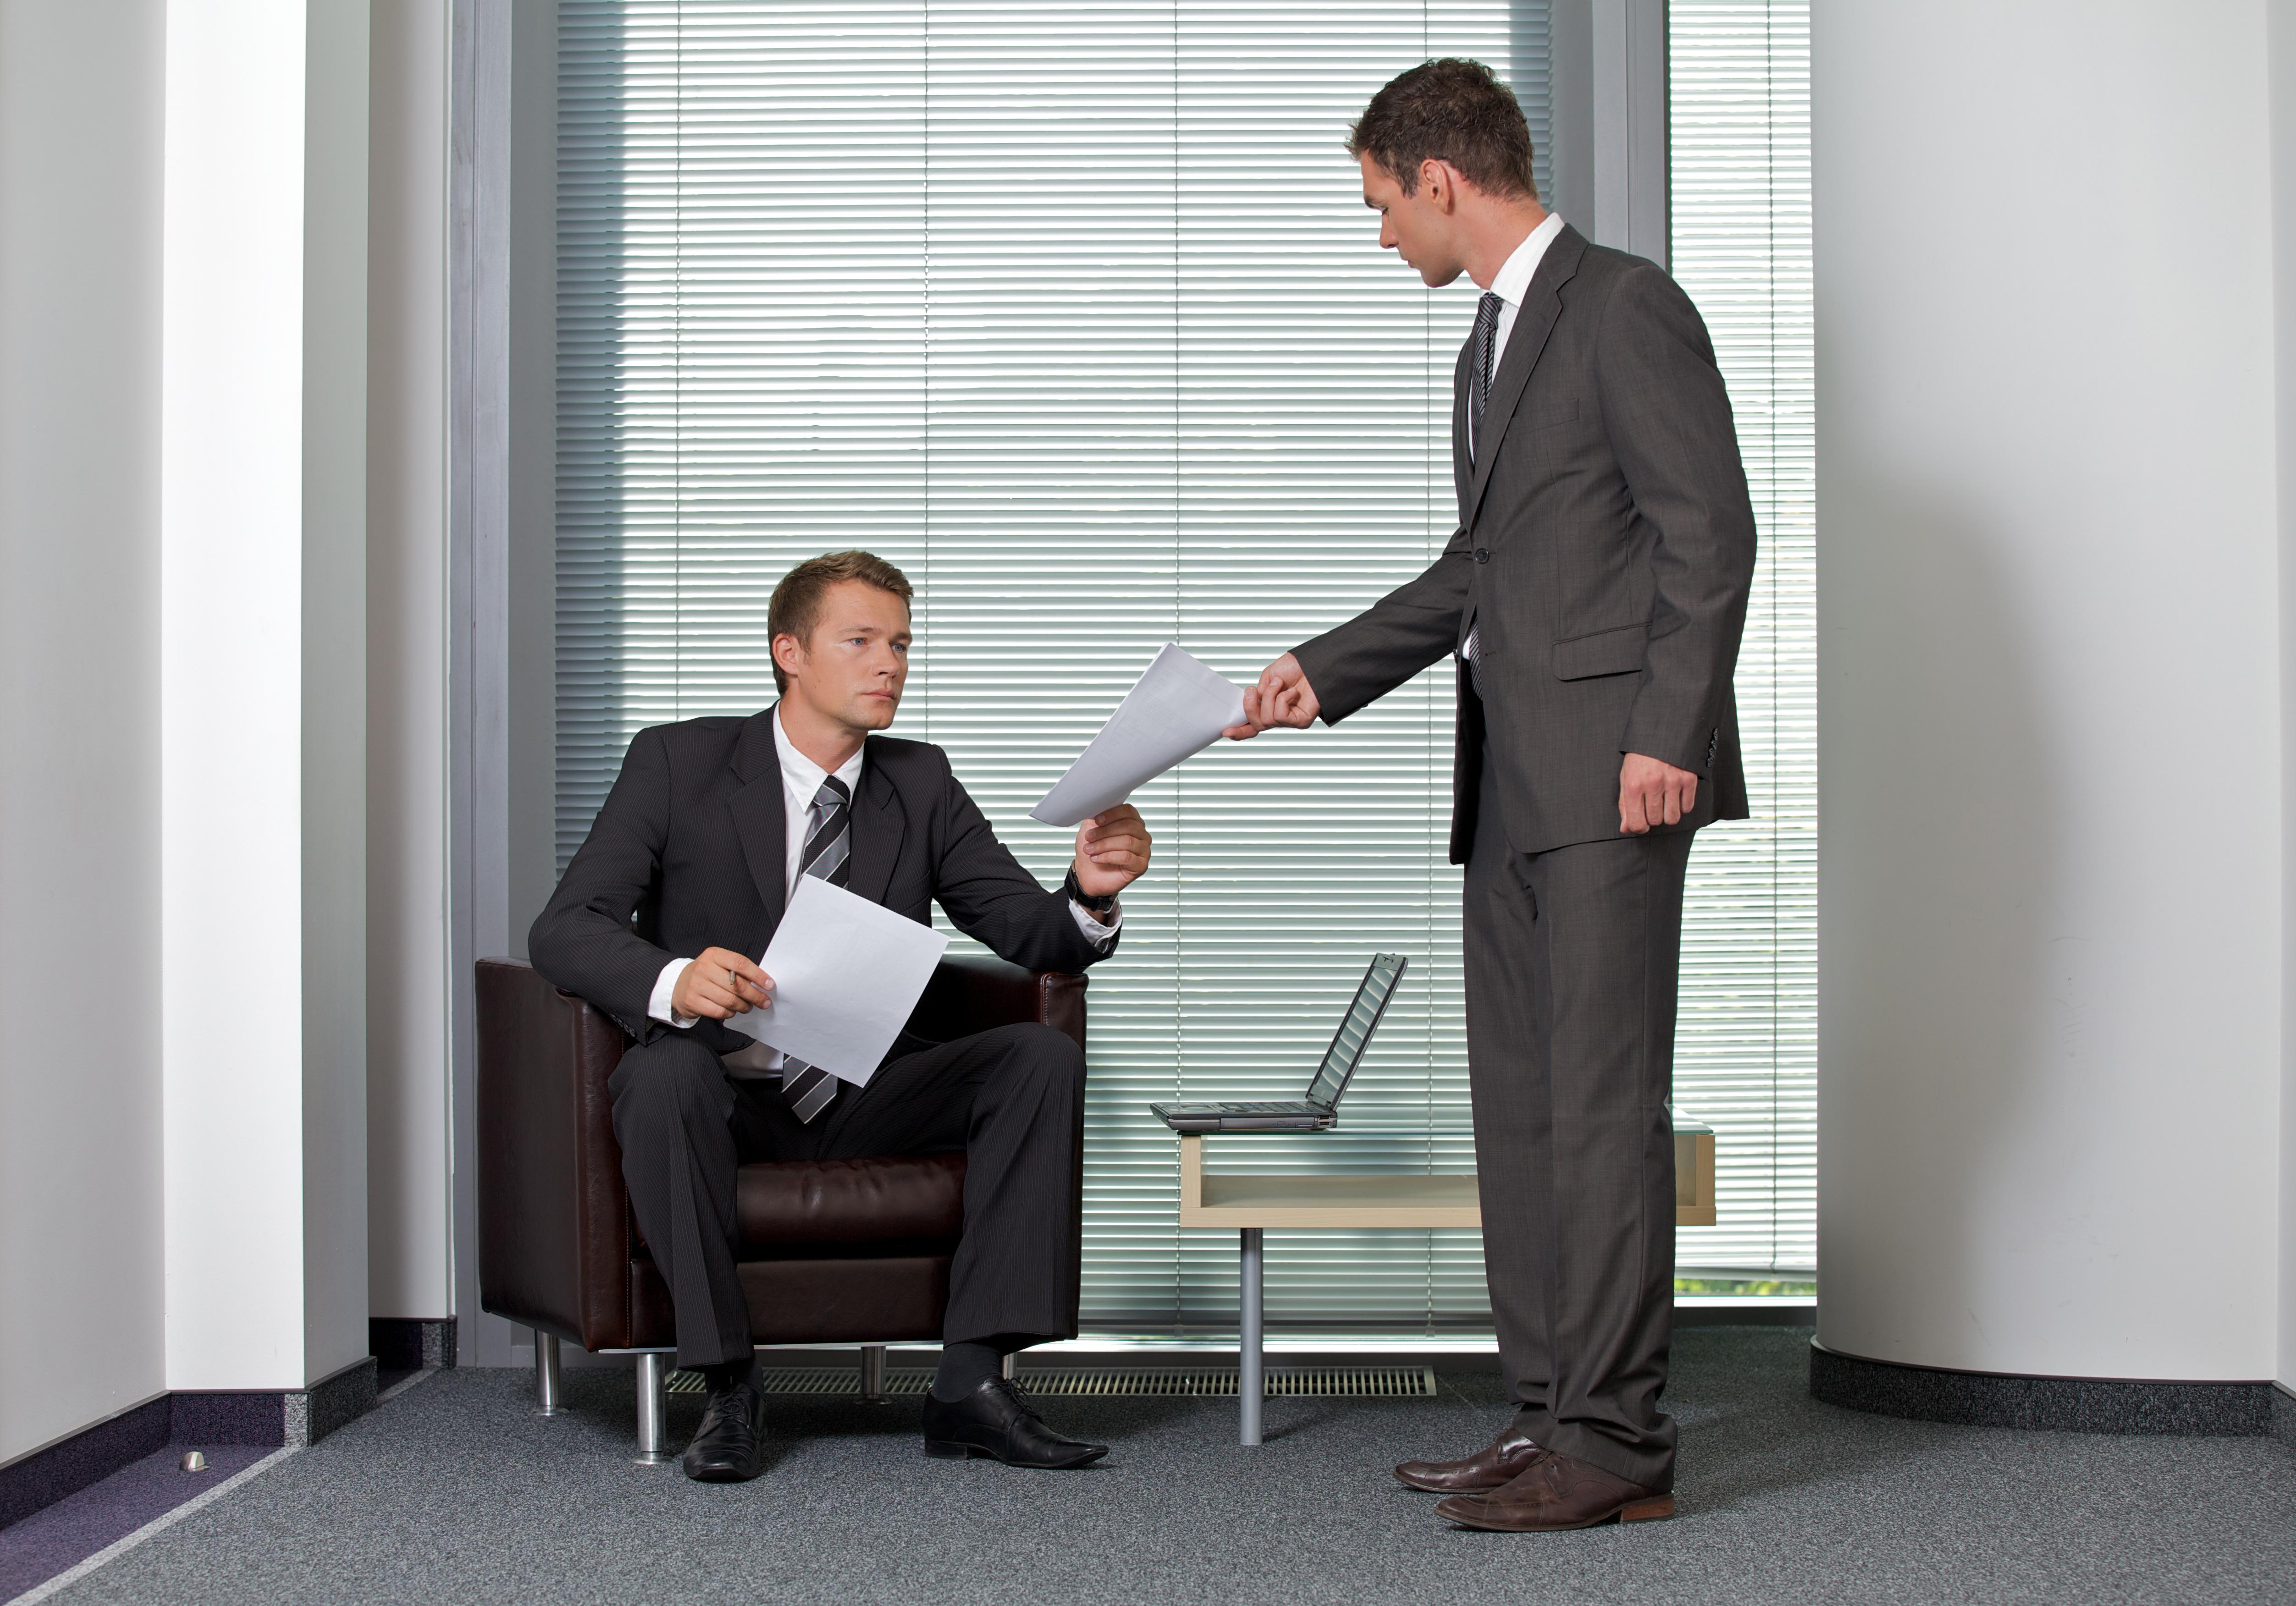 Что надо делать работодателю, если сотрудник оспорил свое увольнение в суде?